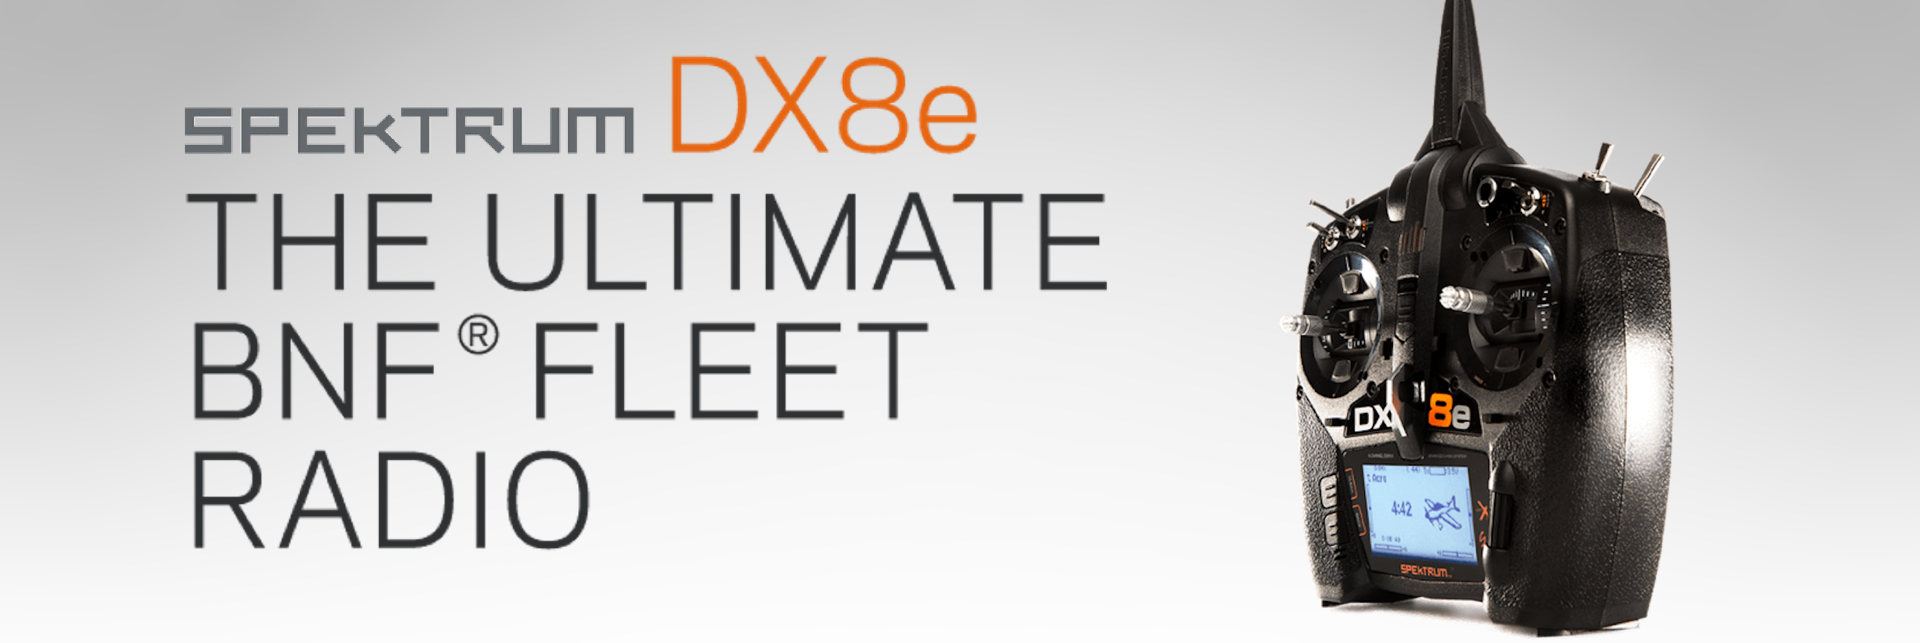 Spektrum dx8e